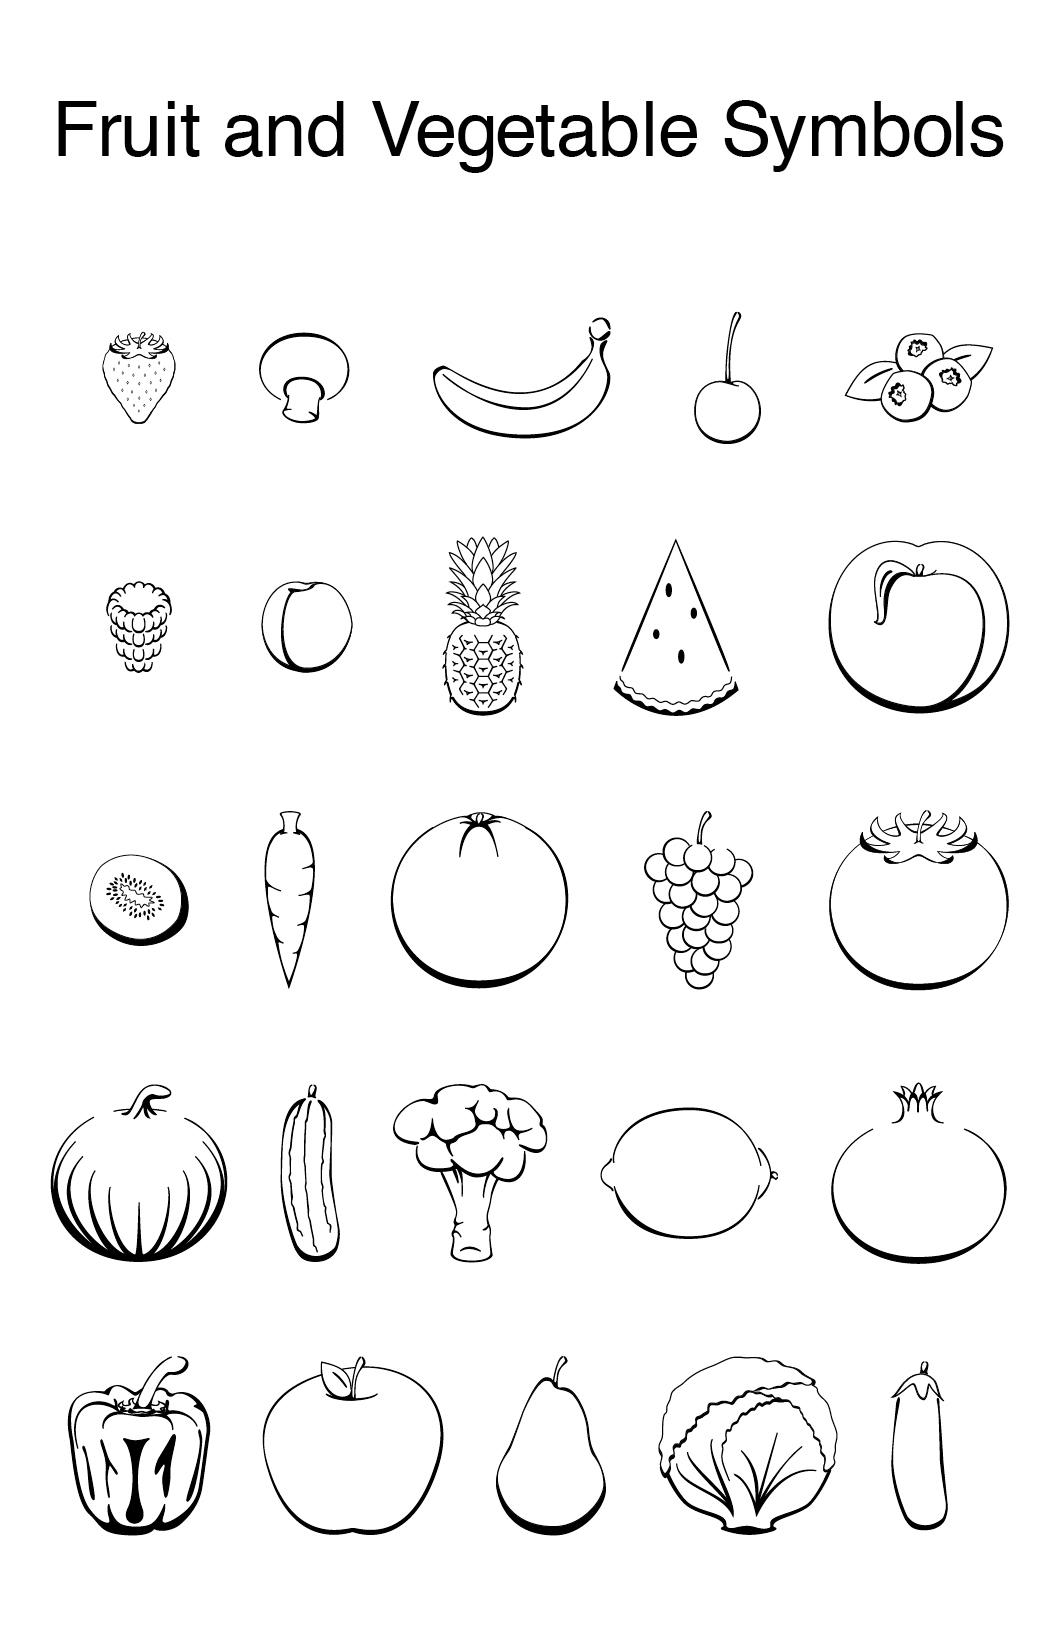 Fruit and vegetable symbols on behance buycottarizona Images